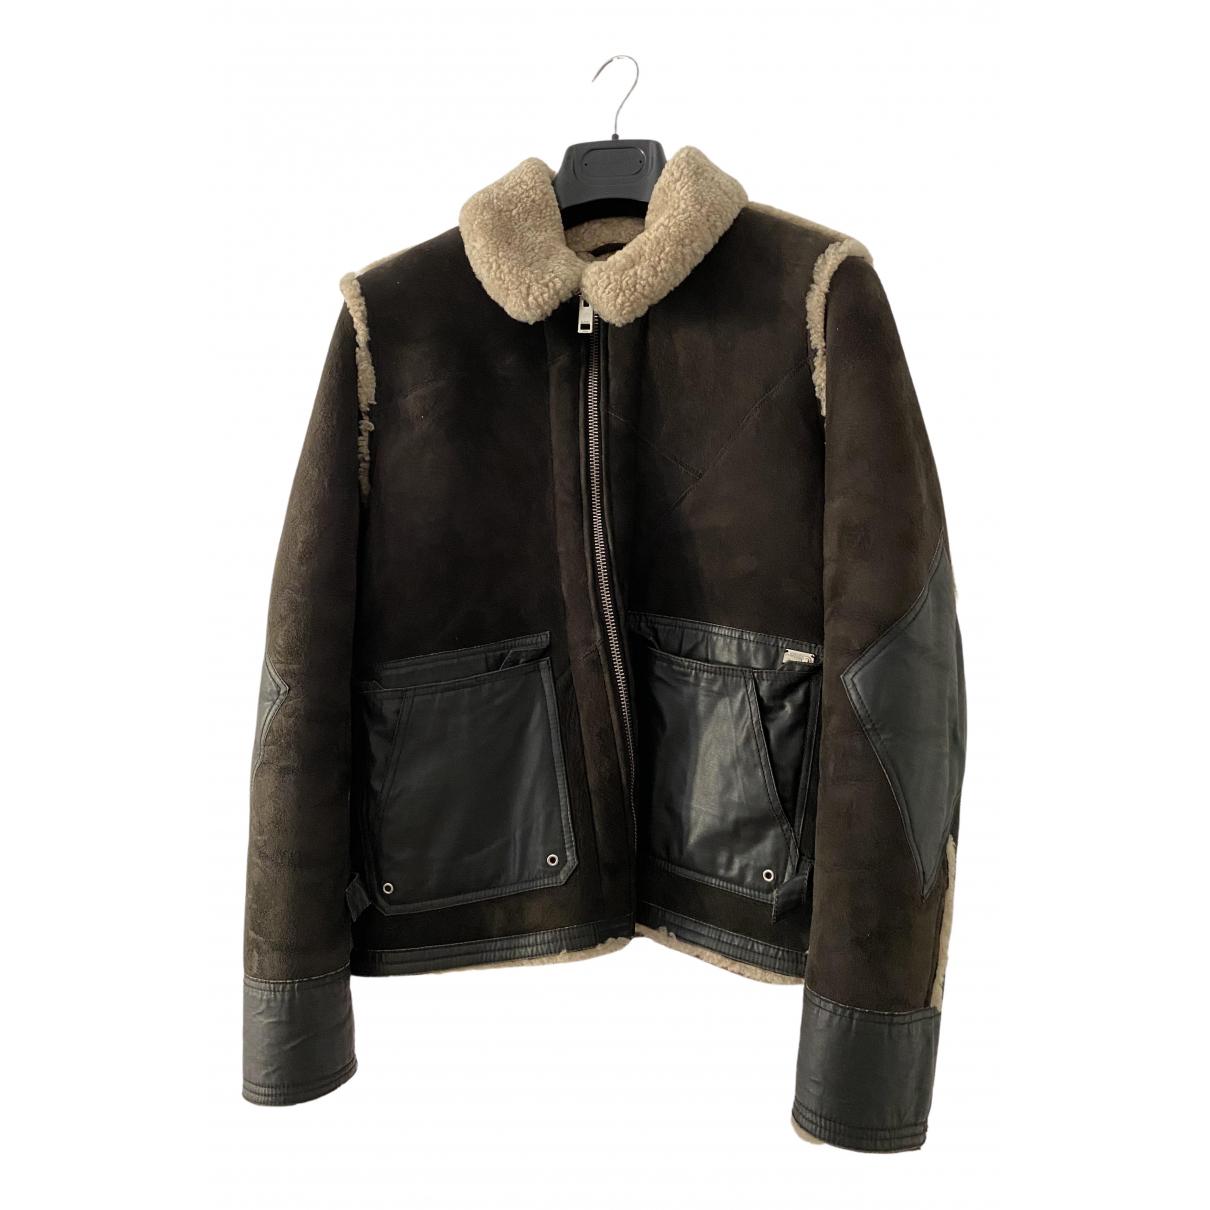 Diesel - Vestes.Blousons   pour homme en laine - marron